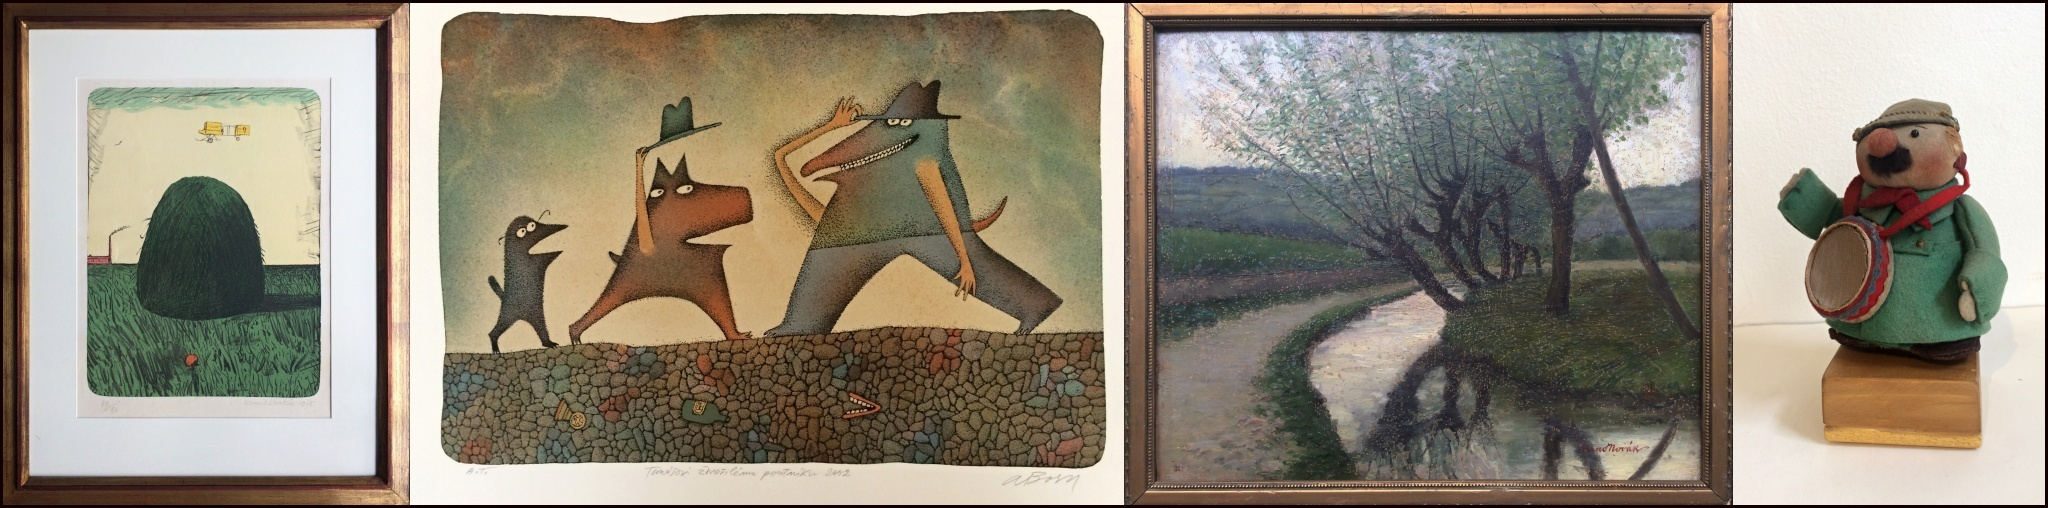 Výstava děl k X. aukci Galerie Lazarská